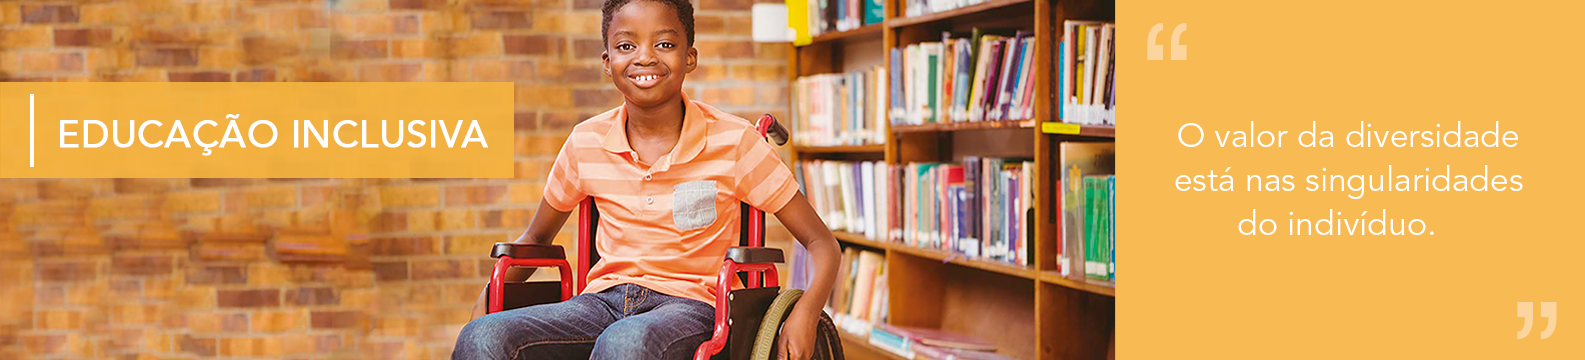 Banner Educação Inclusiva